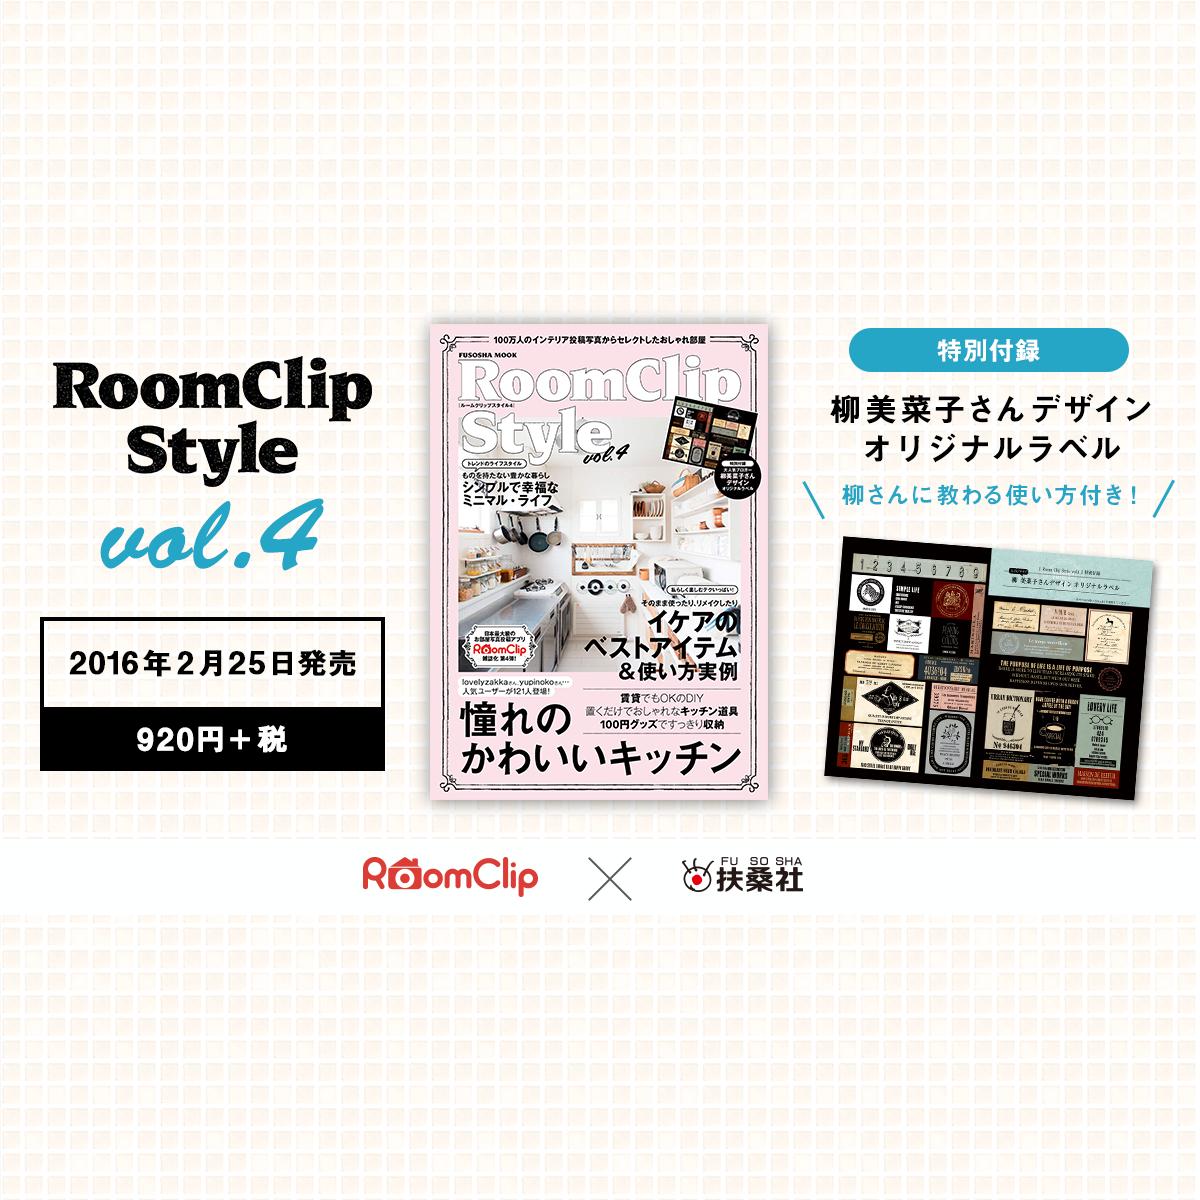 インテリアムック本「RoomClip Style vol.4」発売!